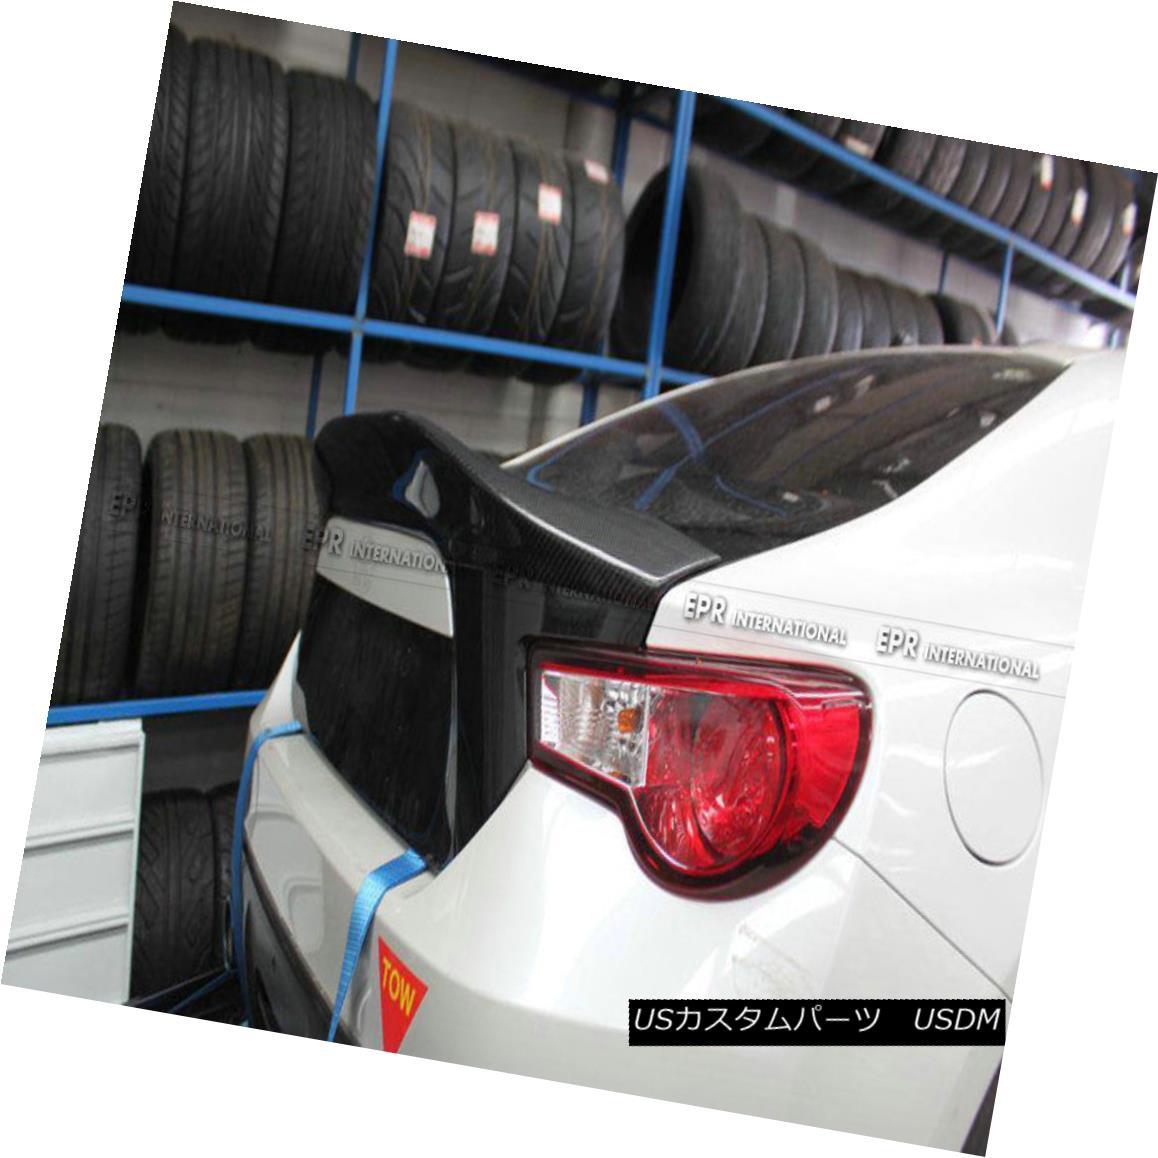 エアロパーツ Carbon Fiber Rear Duckbill Spoiler Wing For Toyota BRZ FT86 GT86 FRS LEG Style トヨタBRZ FT86 GT86用カーボンファイバーリアダックビルスポイラーウイングFRS LEGスタイル